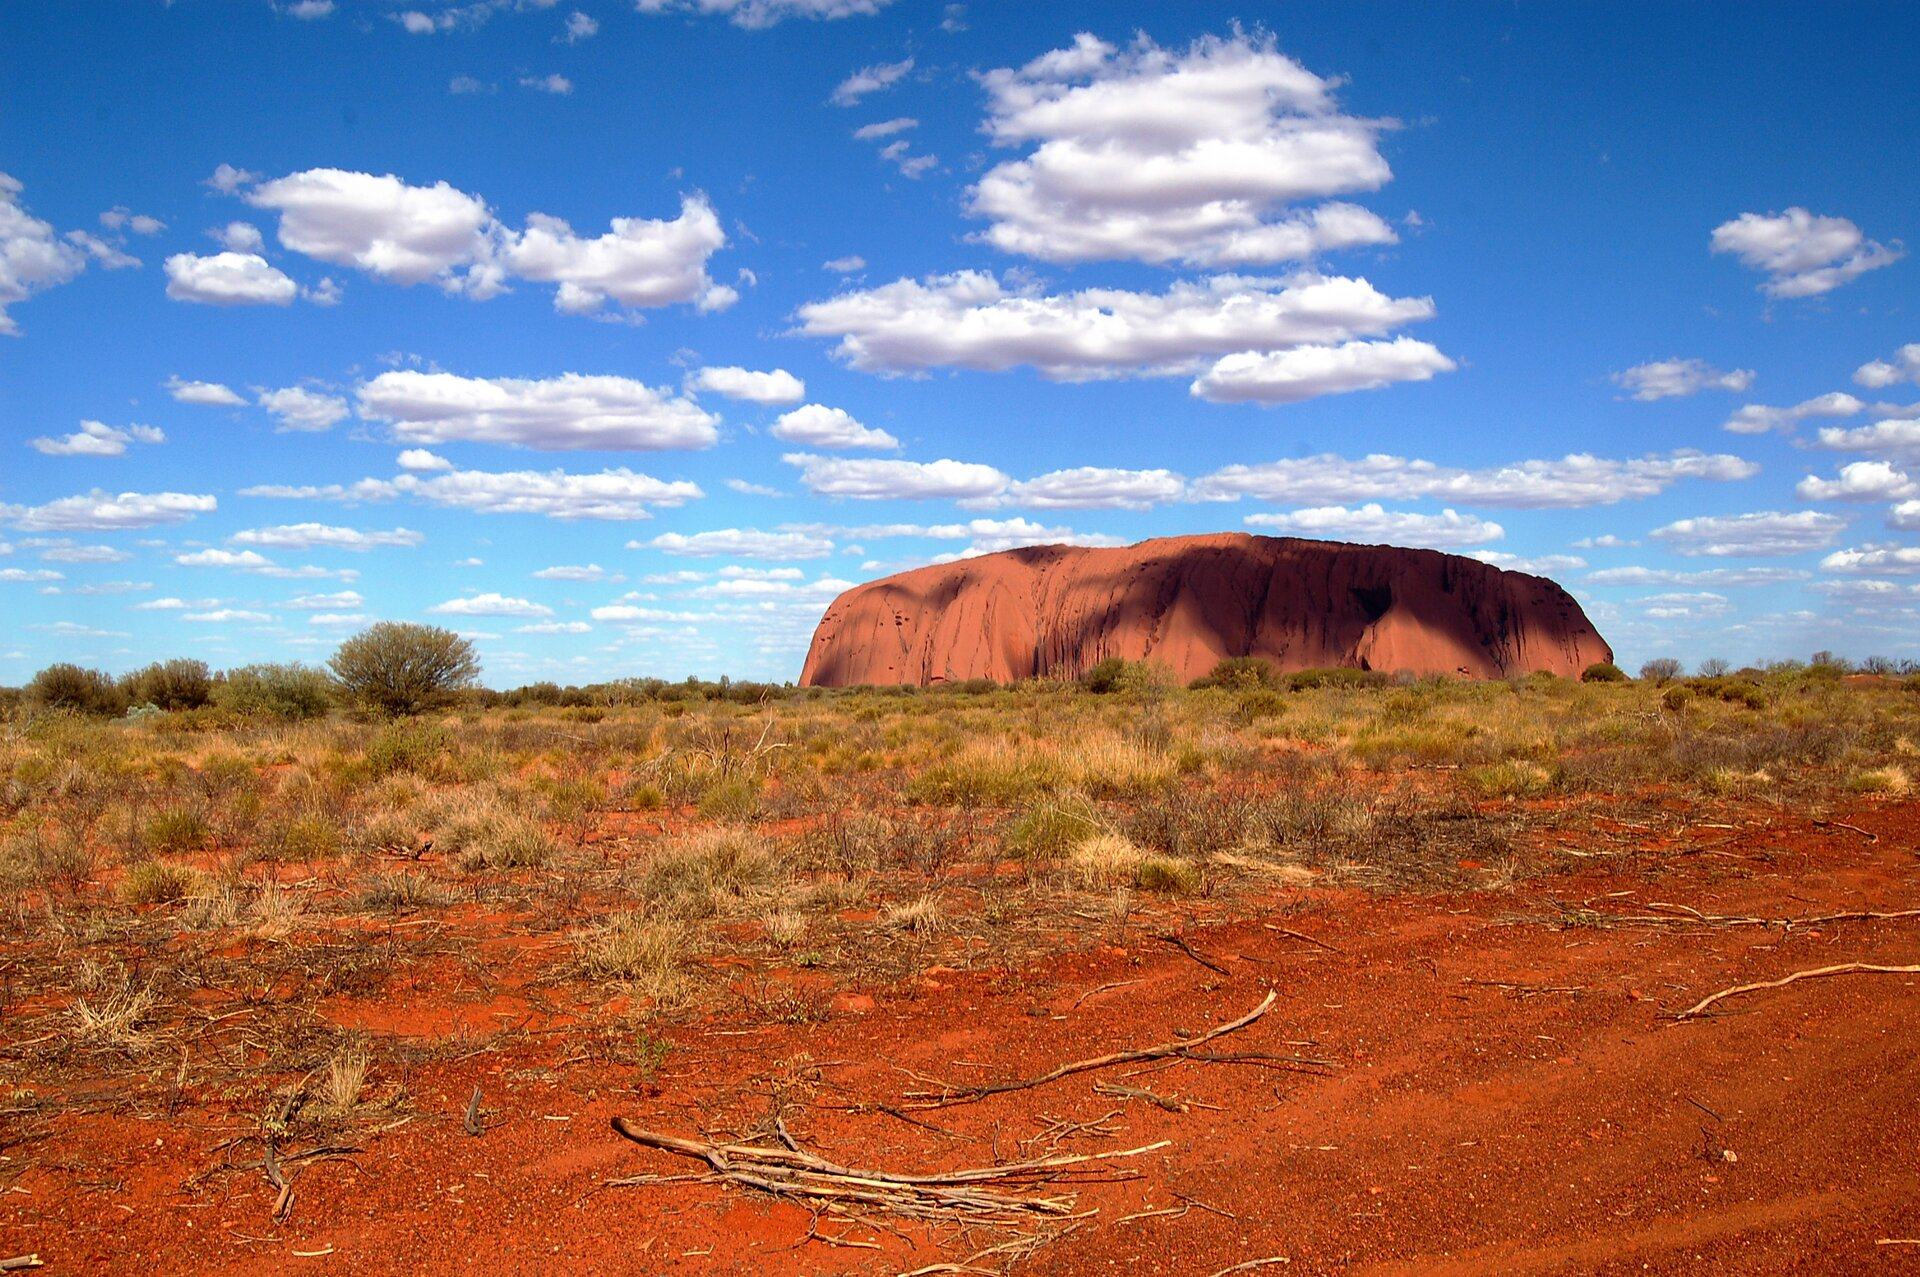 Fotografia przedstawia krajobraz wokolicy zwrotnika Koziorożca, wAustralii. Na czerwonej ziemi rosną niskie kępy traw. Wtle wznosi się czerwona góra wkształcie bochenka chleba. Jej zbocza są pofałdowane, agrzbiet spłaszczony.